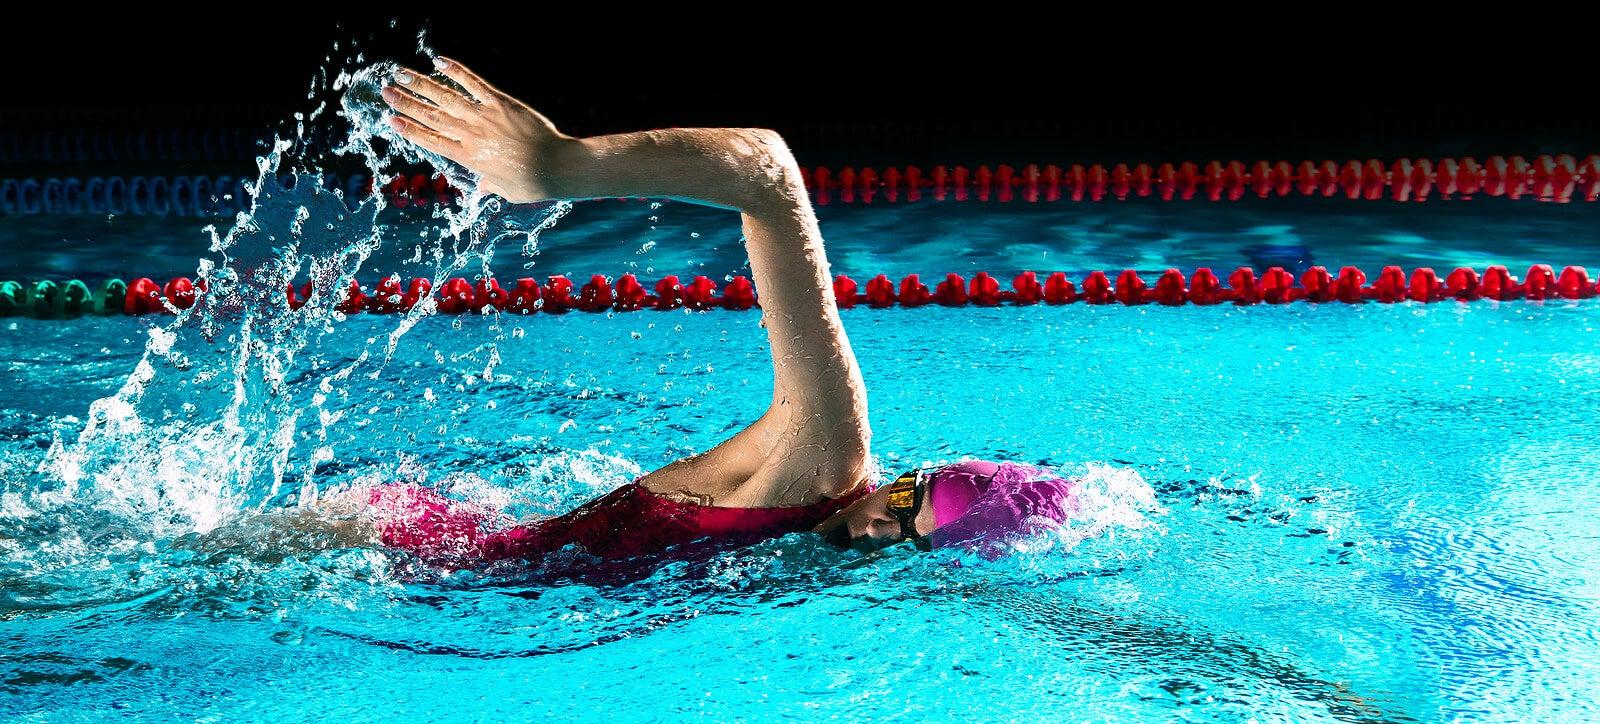 El crol es uno de los estilo de natación más populares.